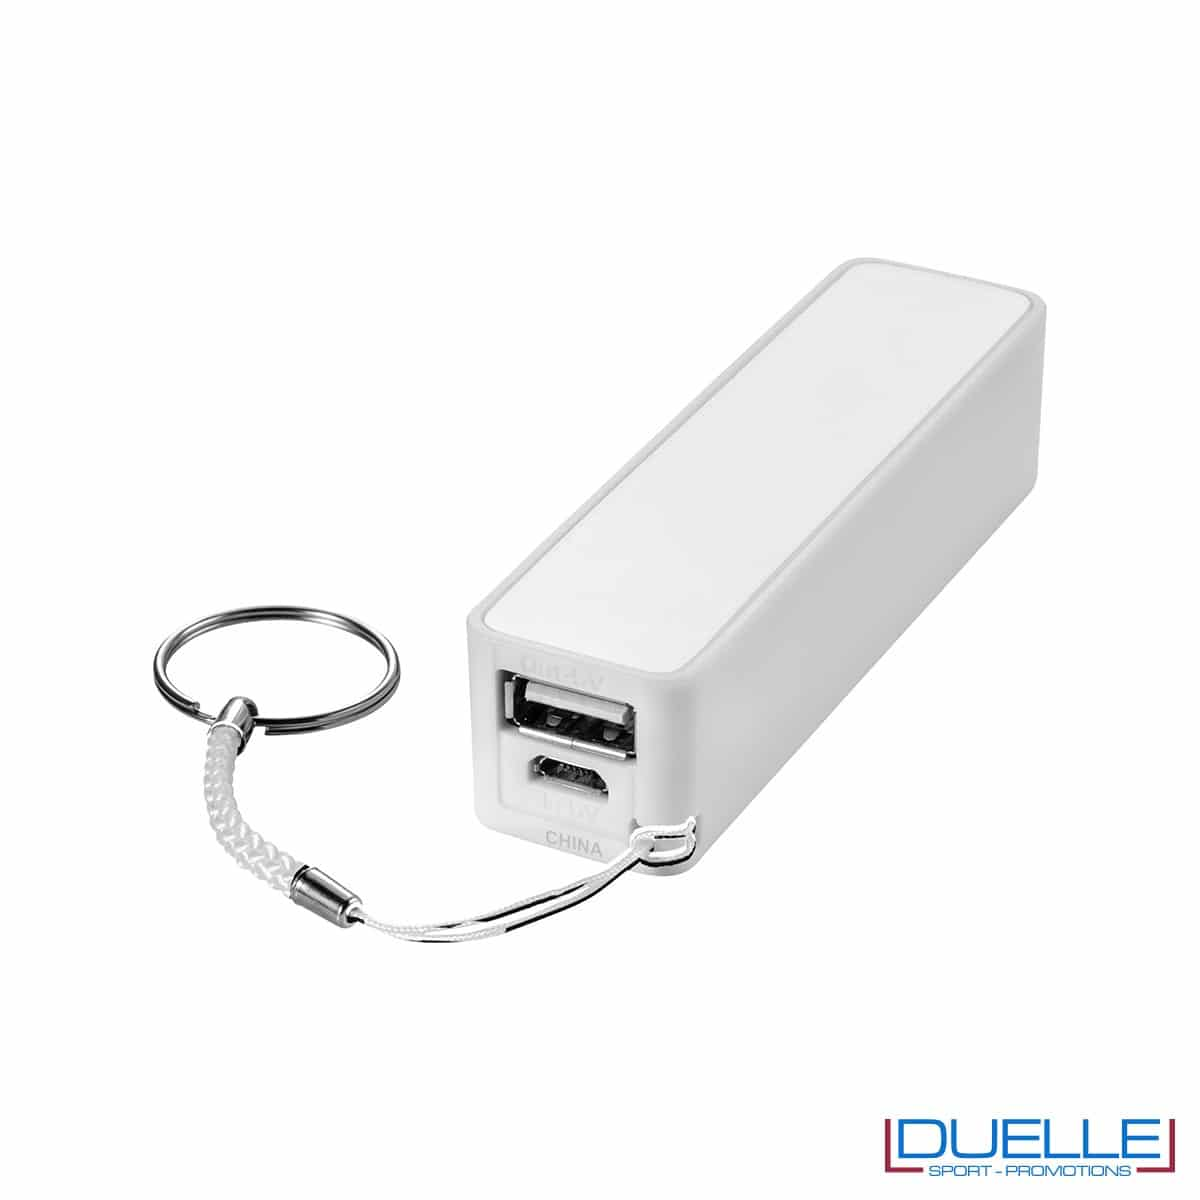 powerbank personalizzato 2000 mAh in colore bianco, powerbank per smartphone personalizzato